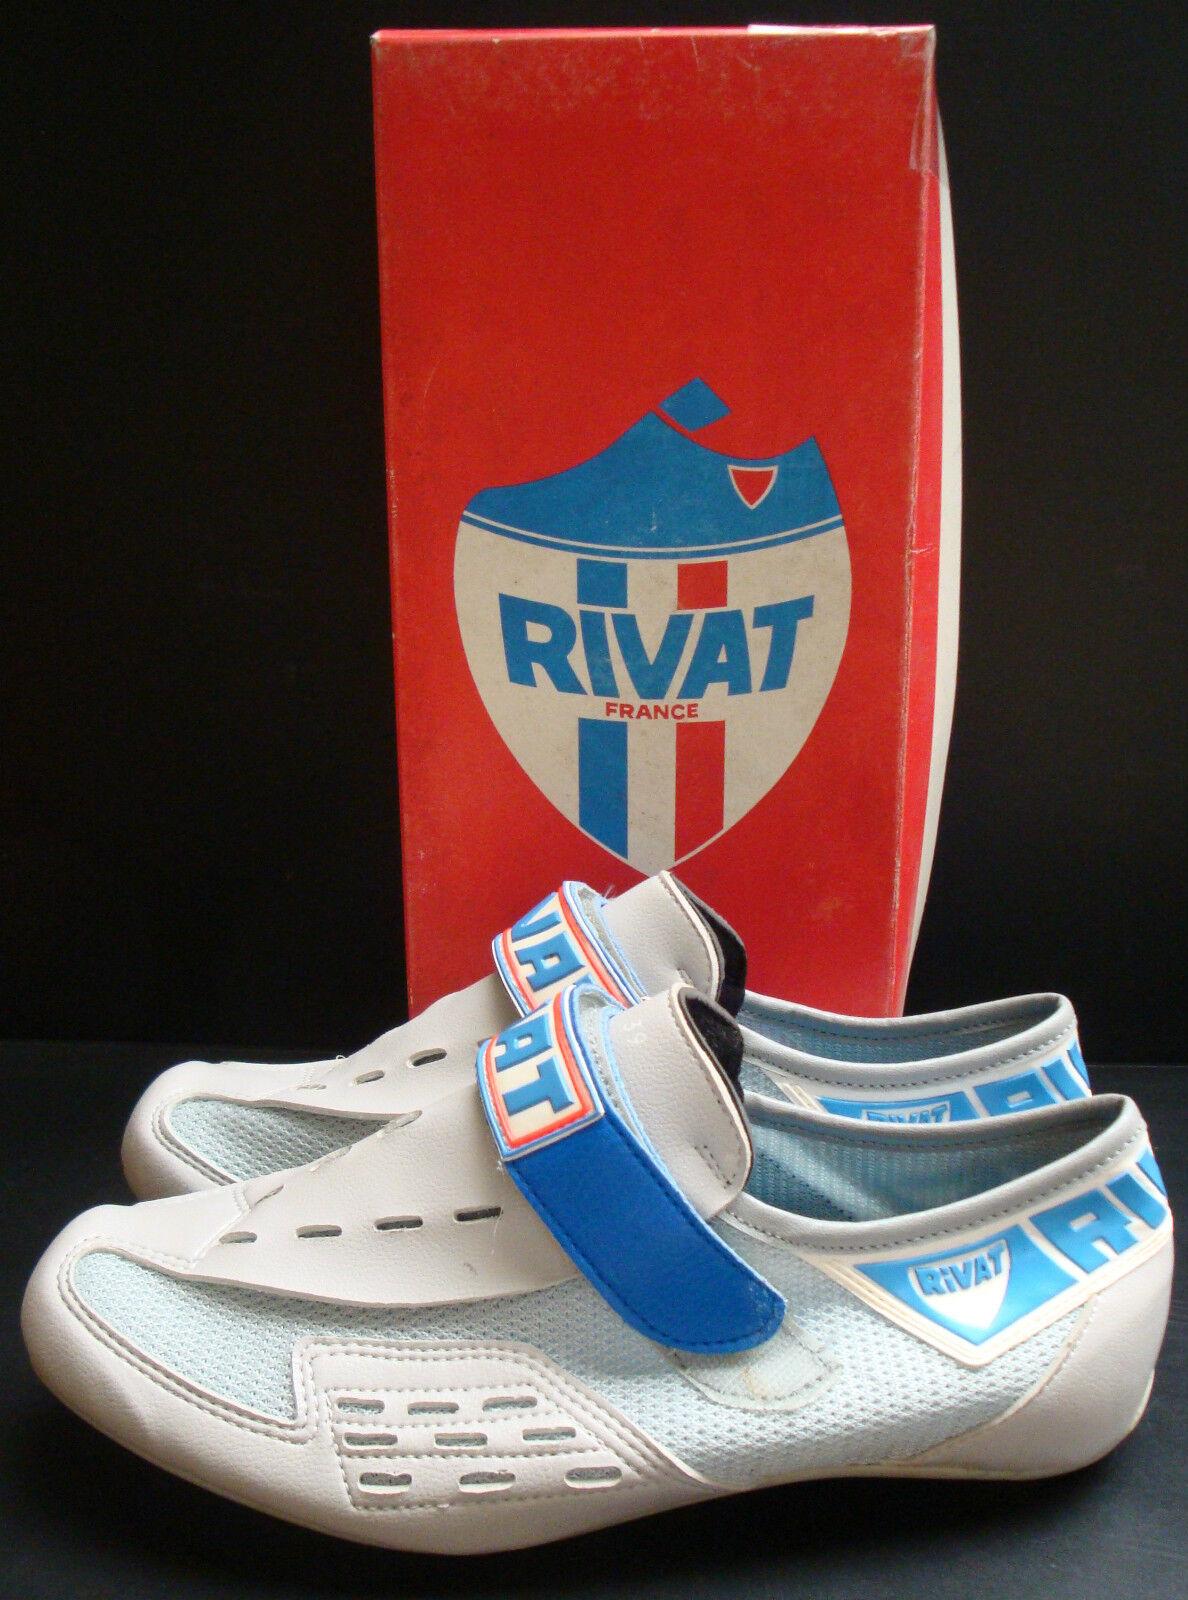 nuevo En Caja Rivat Zapatos Talla 39 6 Vintage Hecho En Francia, 6 39 0b32d4